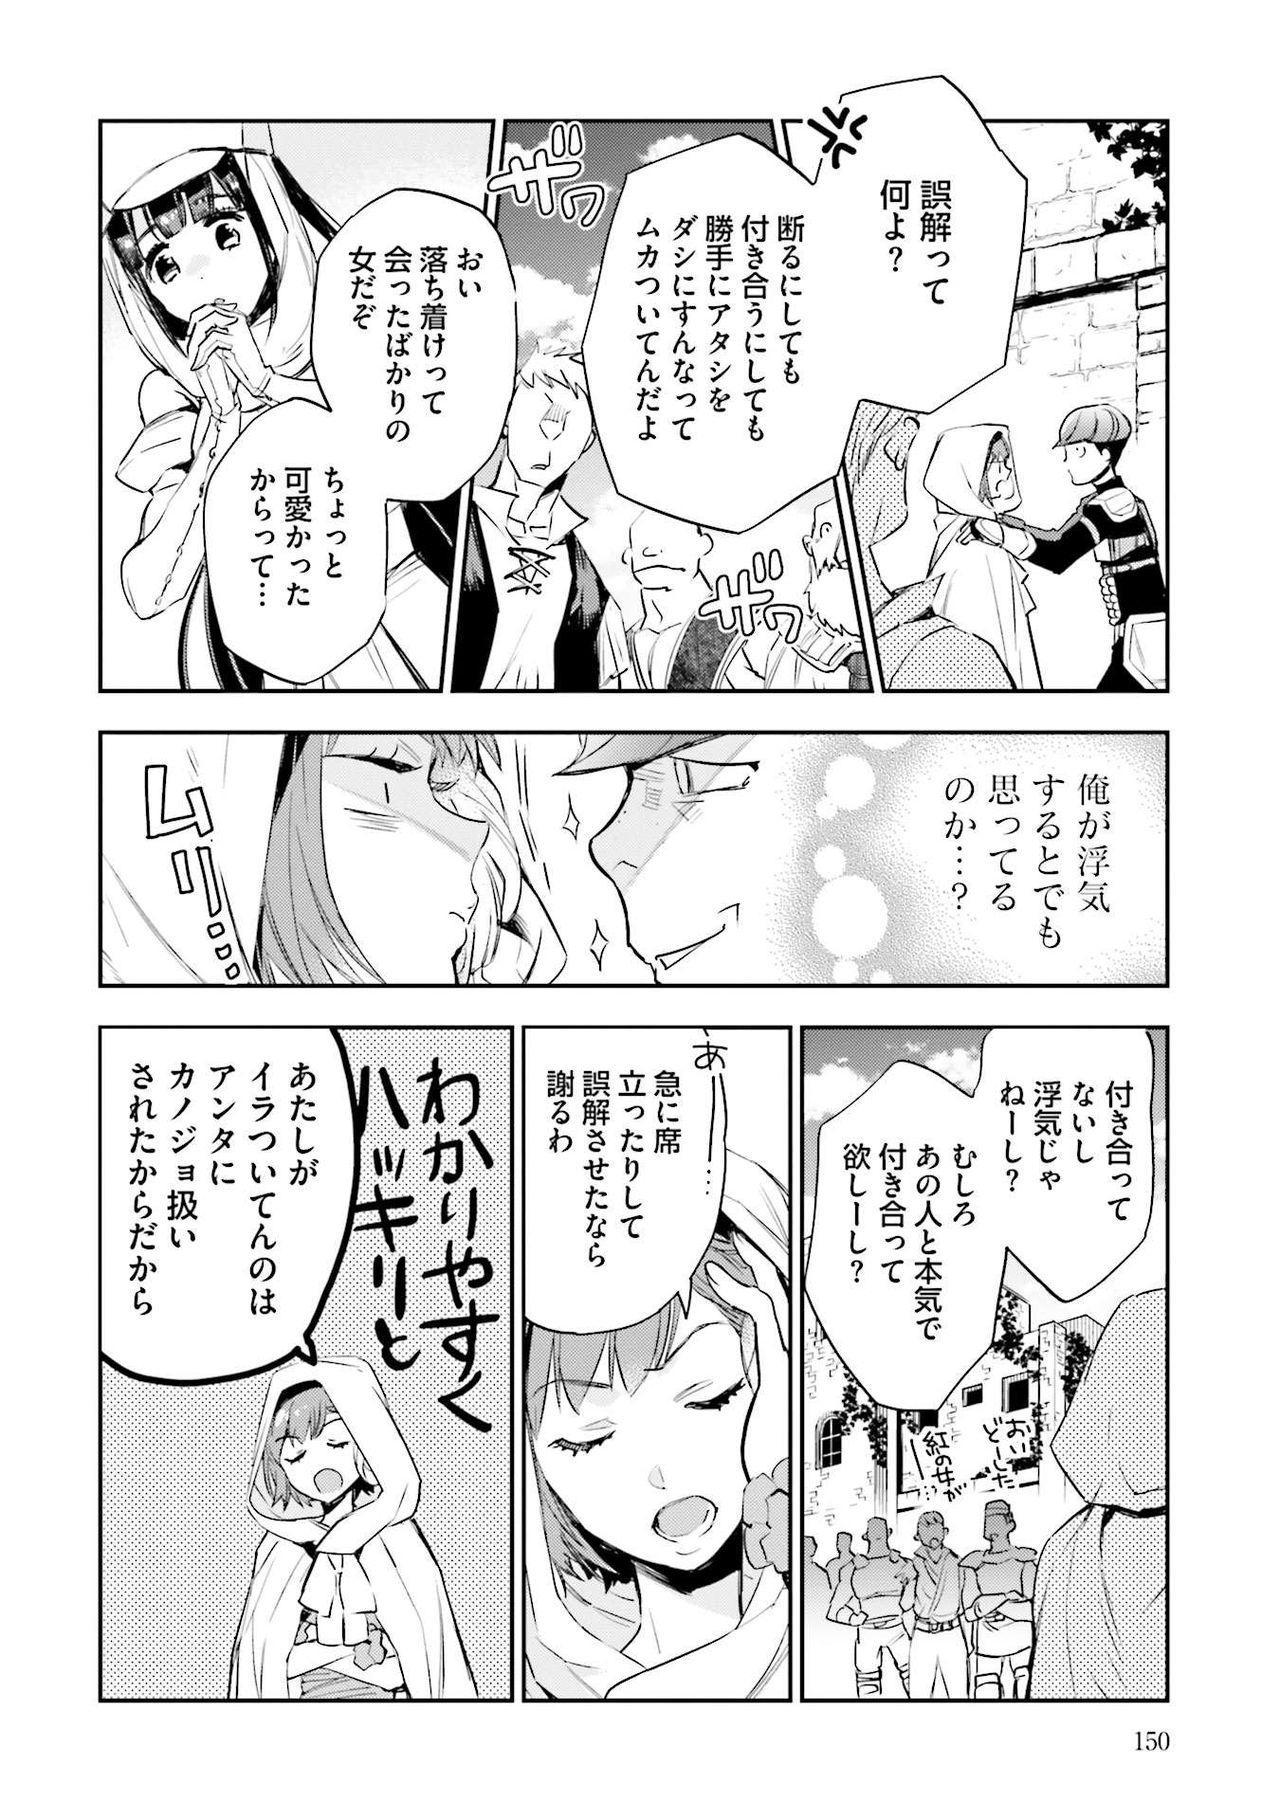 JK Haru wa Isekai de Shoufu ni Natta 1-14 151